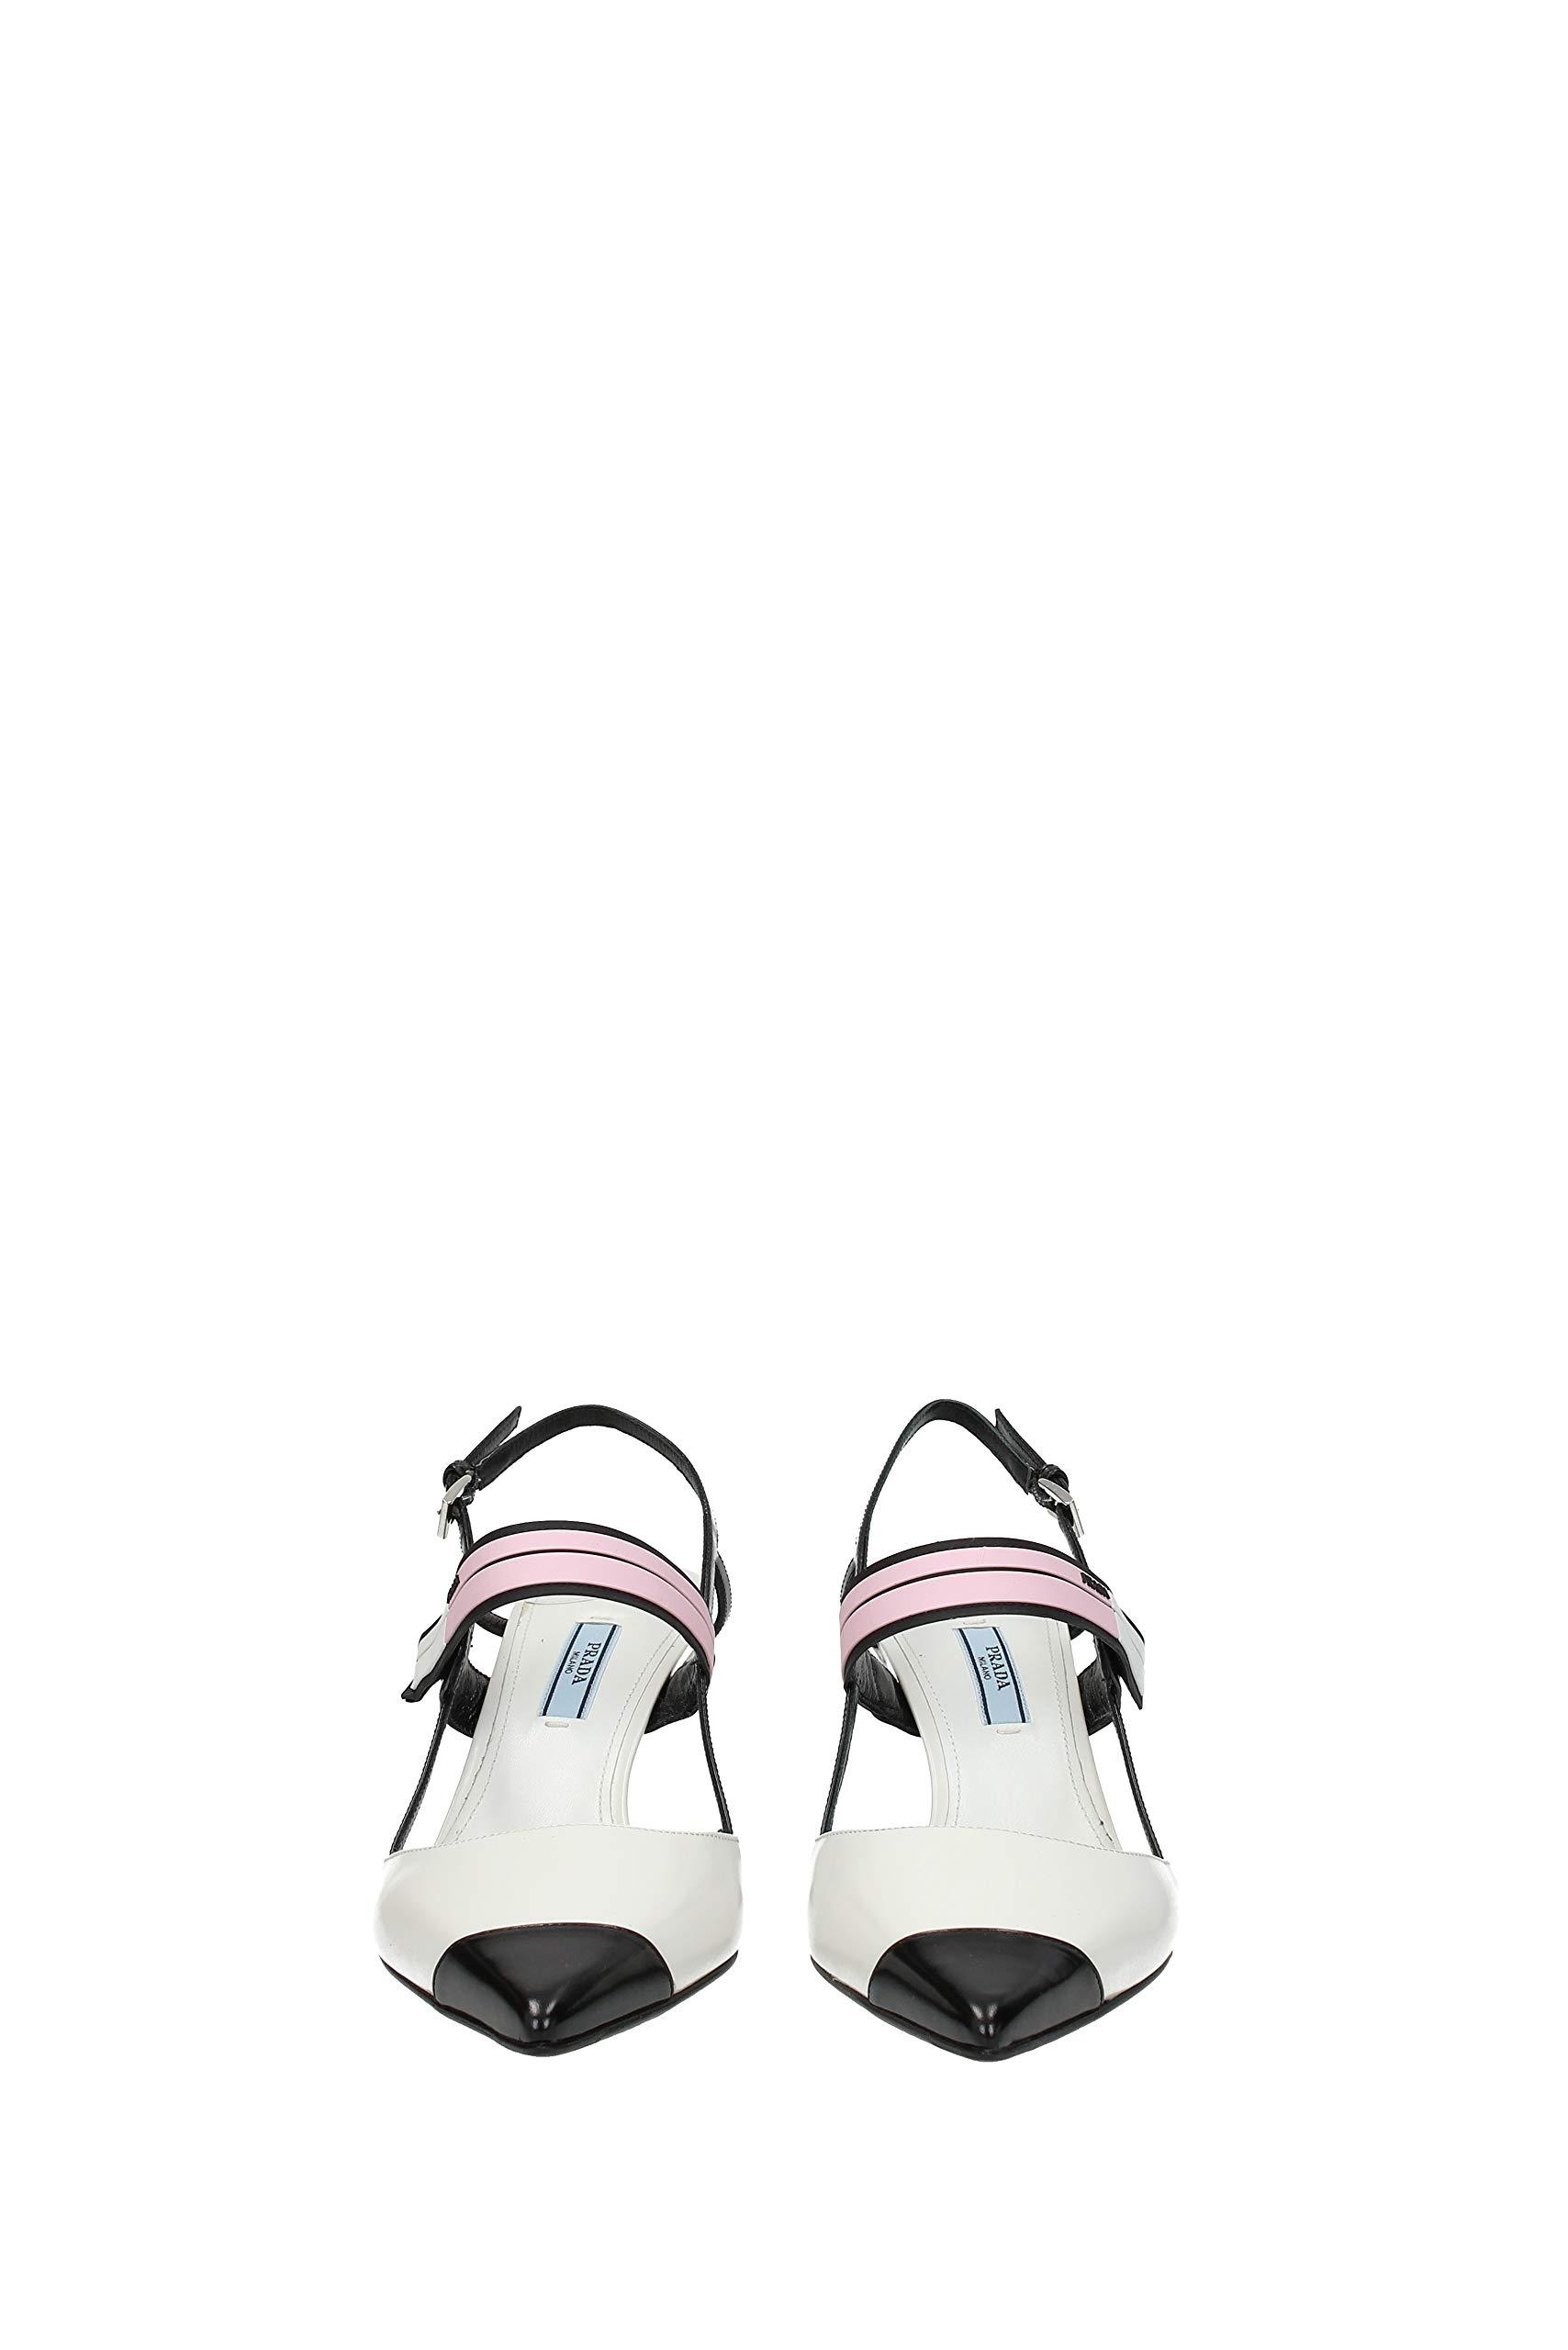 8721abb64 Prada Sandals Women - Leather (1I296I) UK - ItalianBoutique.co.uk